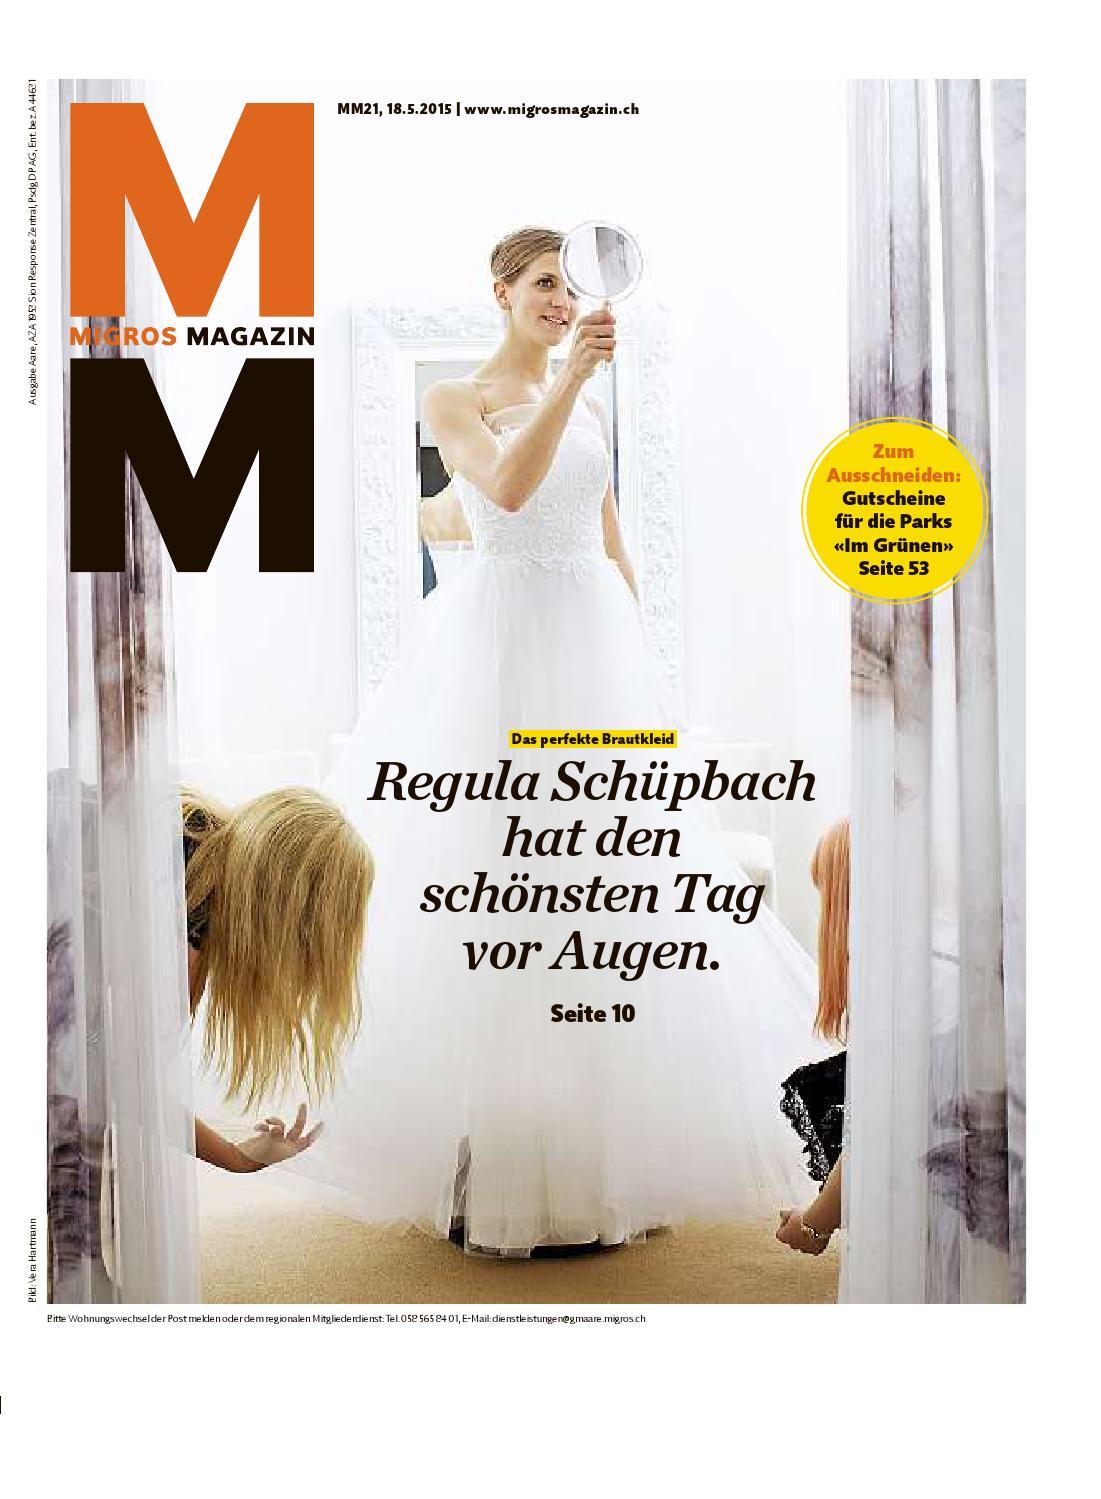 Migros Magazin 21 2015 D Aa By Migros-Genossenschafts-Bund - Issuu